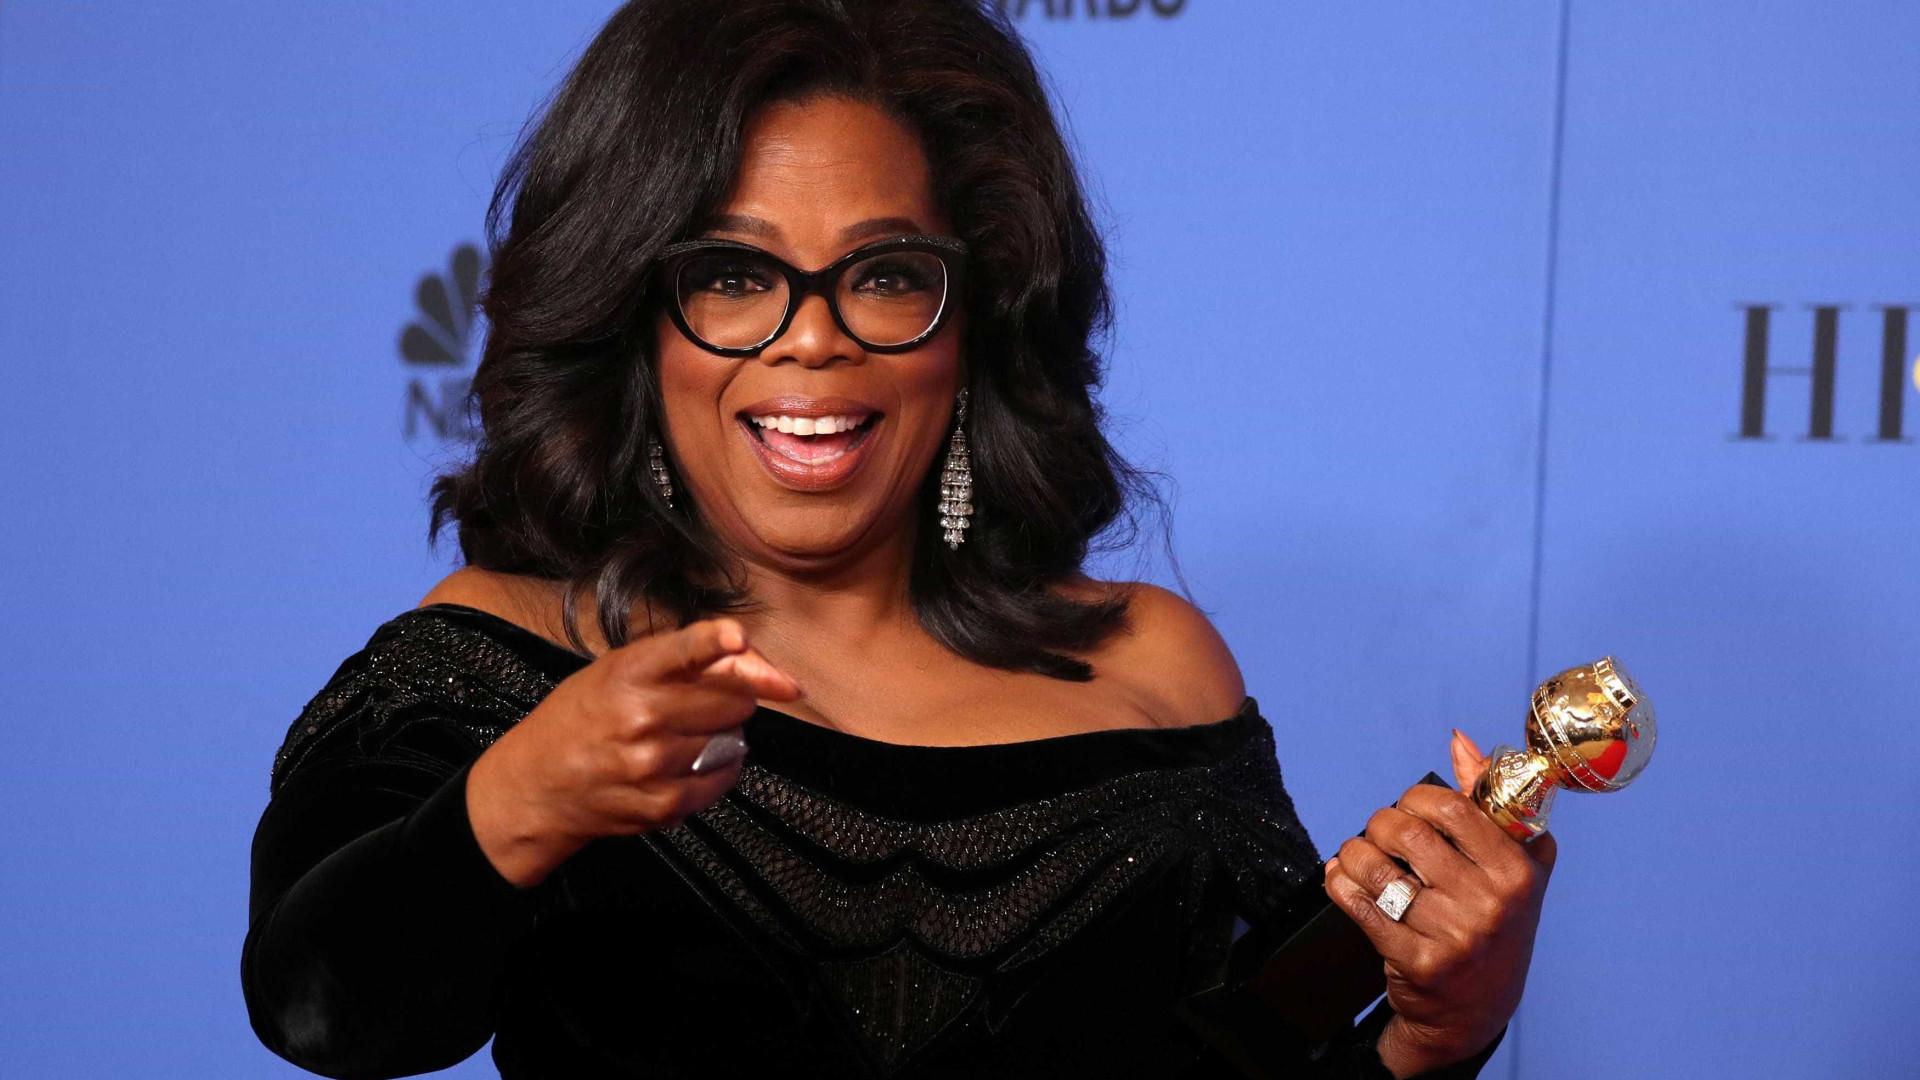 Os Estados Unidos acreditam que serão salvos pelas celebridades?